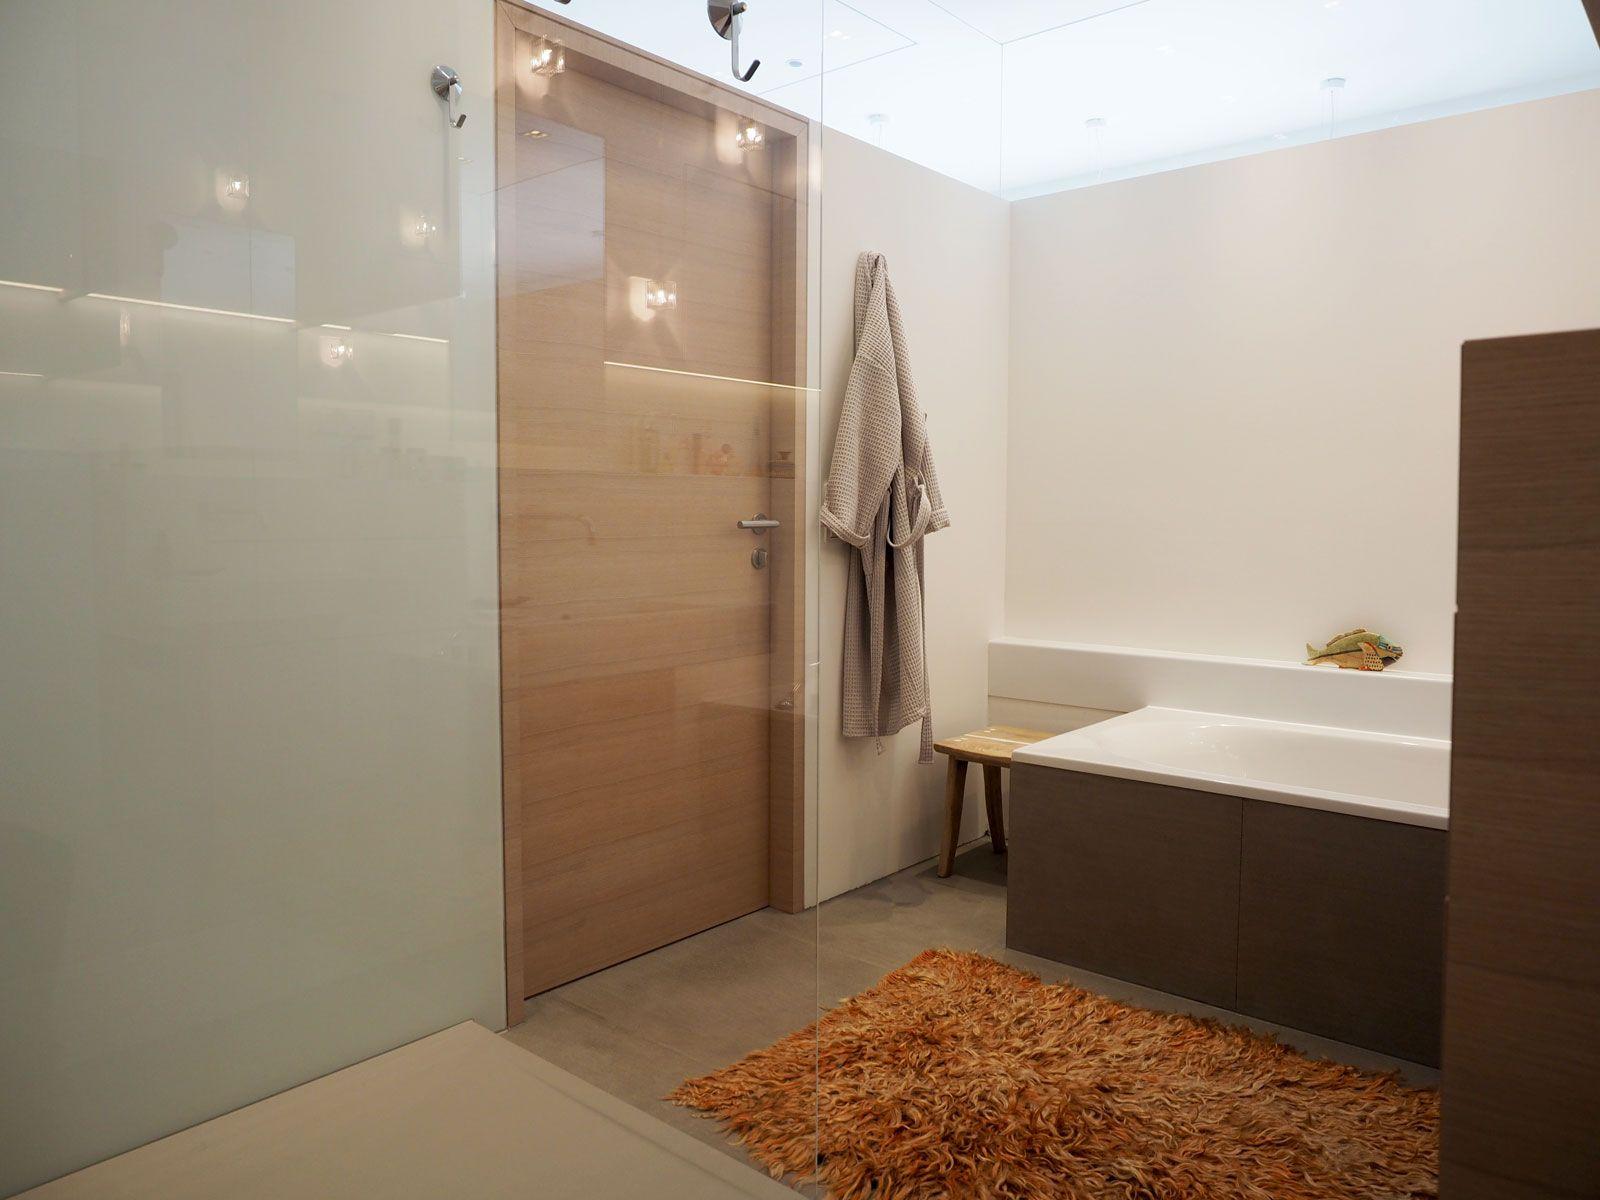 Badezimmer stuhl ~ Tischlerei ecker badezimmer in einer box badezimmer